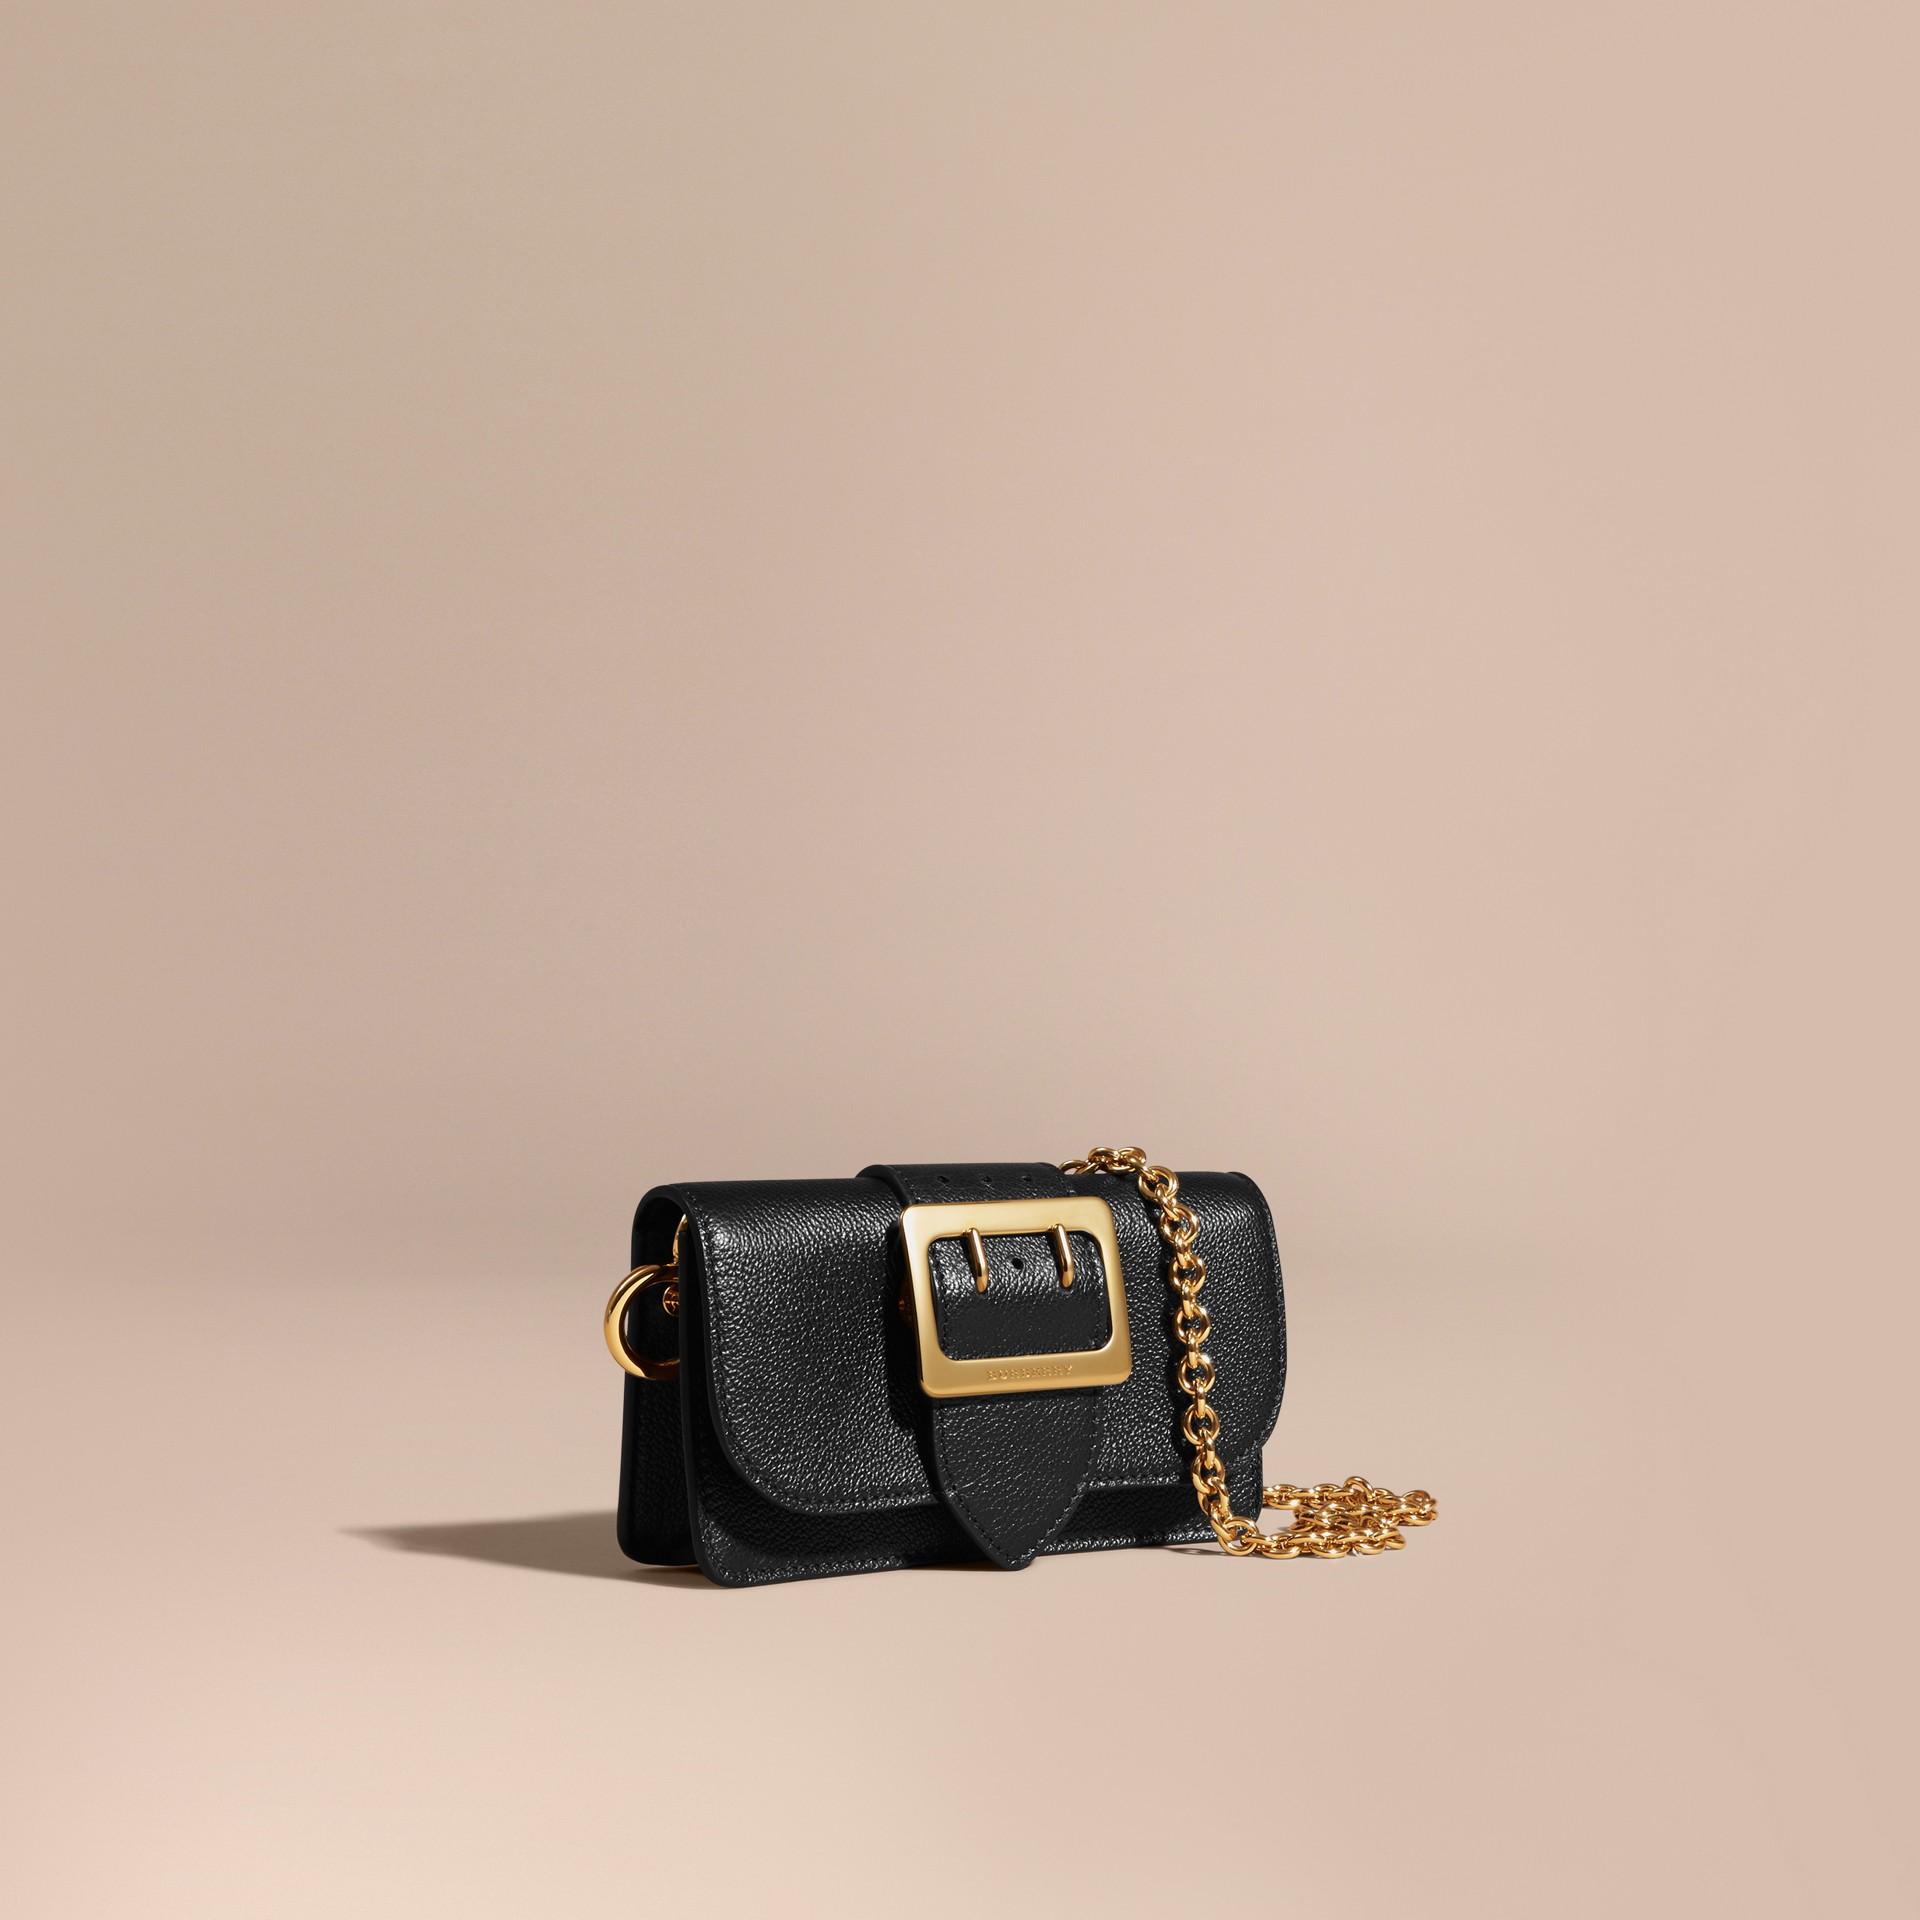 Schwarz The Mini Buckle Bag aus genarbtem Leder Schwarz - Galerie-Bild 1